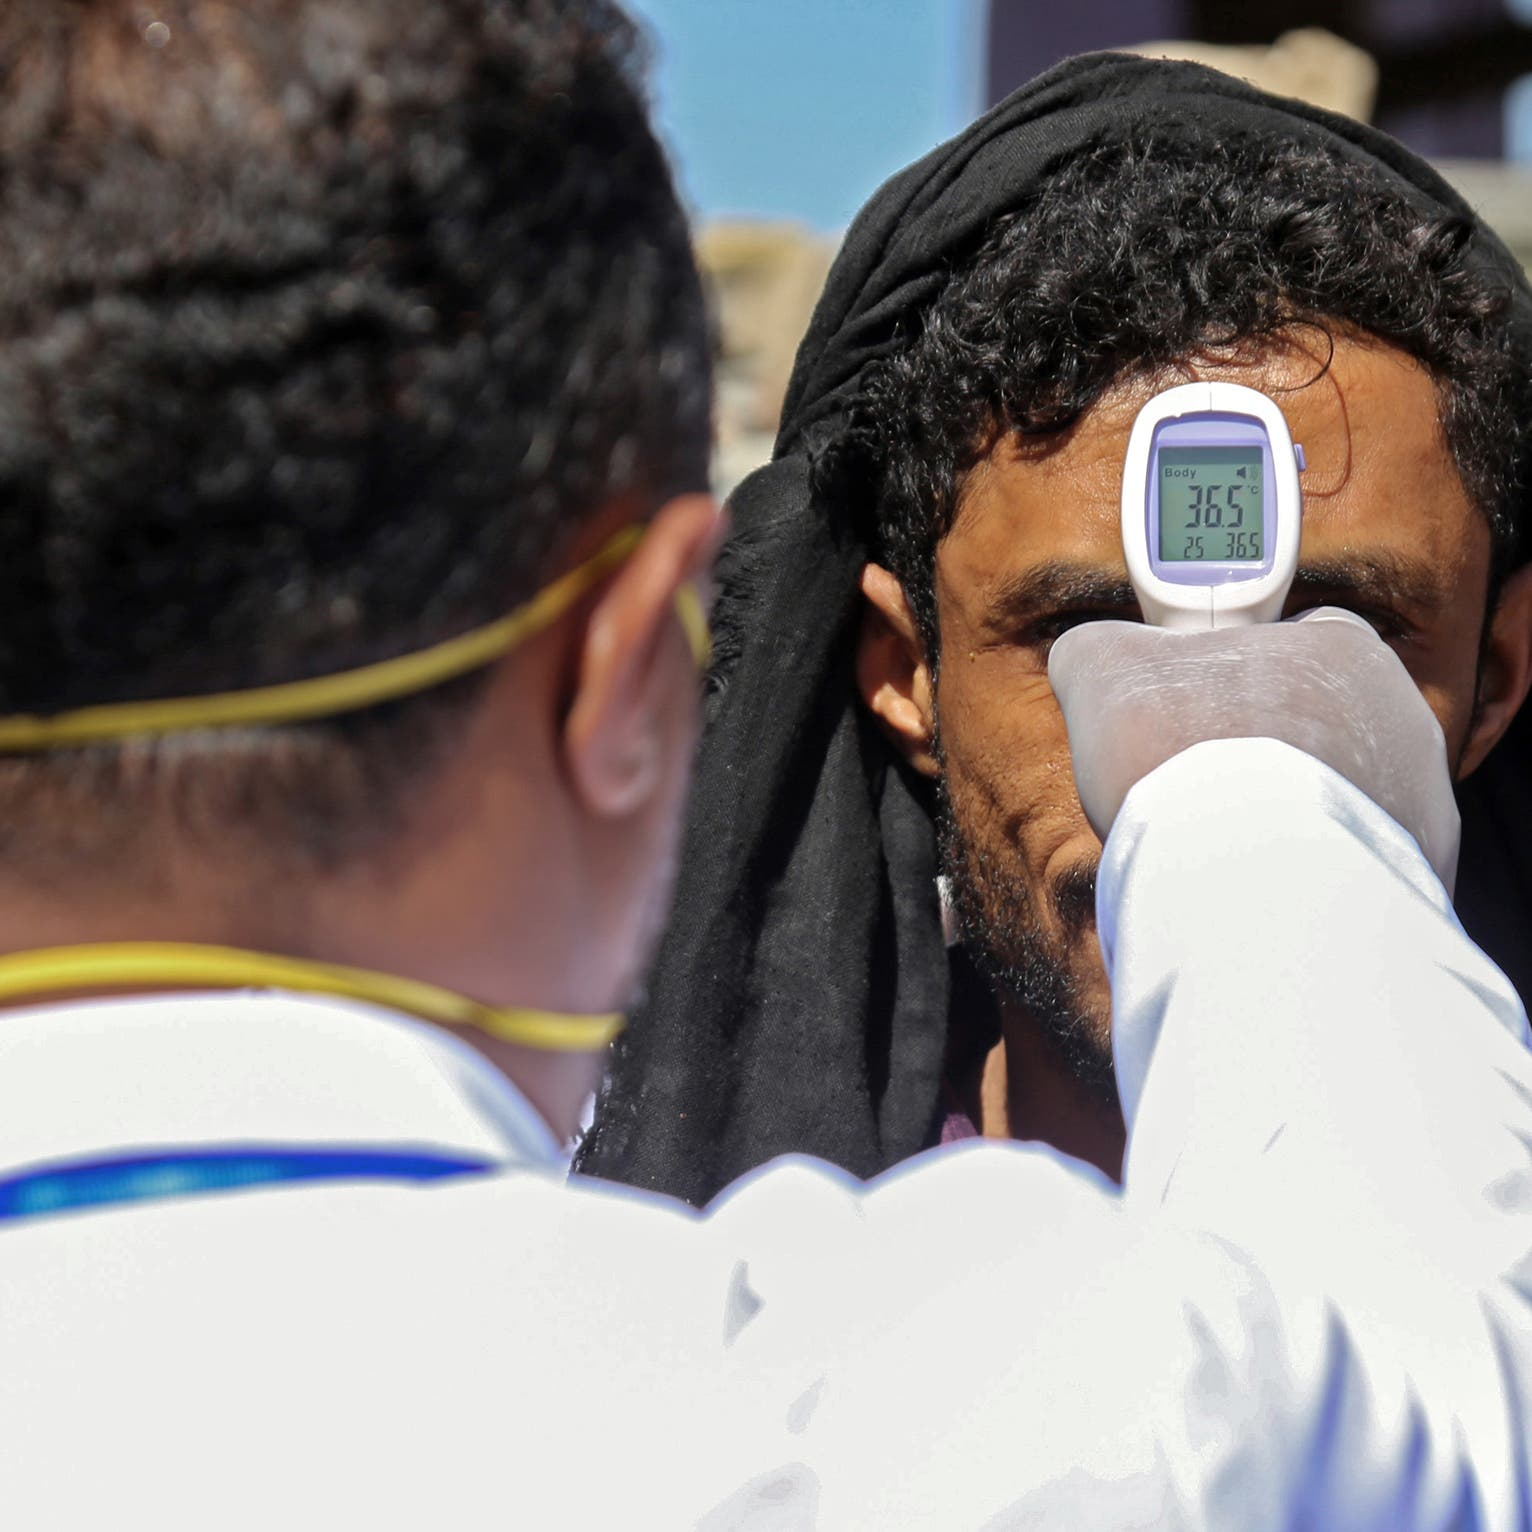 الأمم المتحدة: كورونا أكبر خطر يواجه اليمن منذ 100 عام